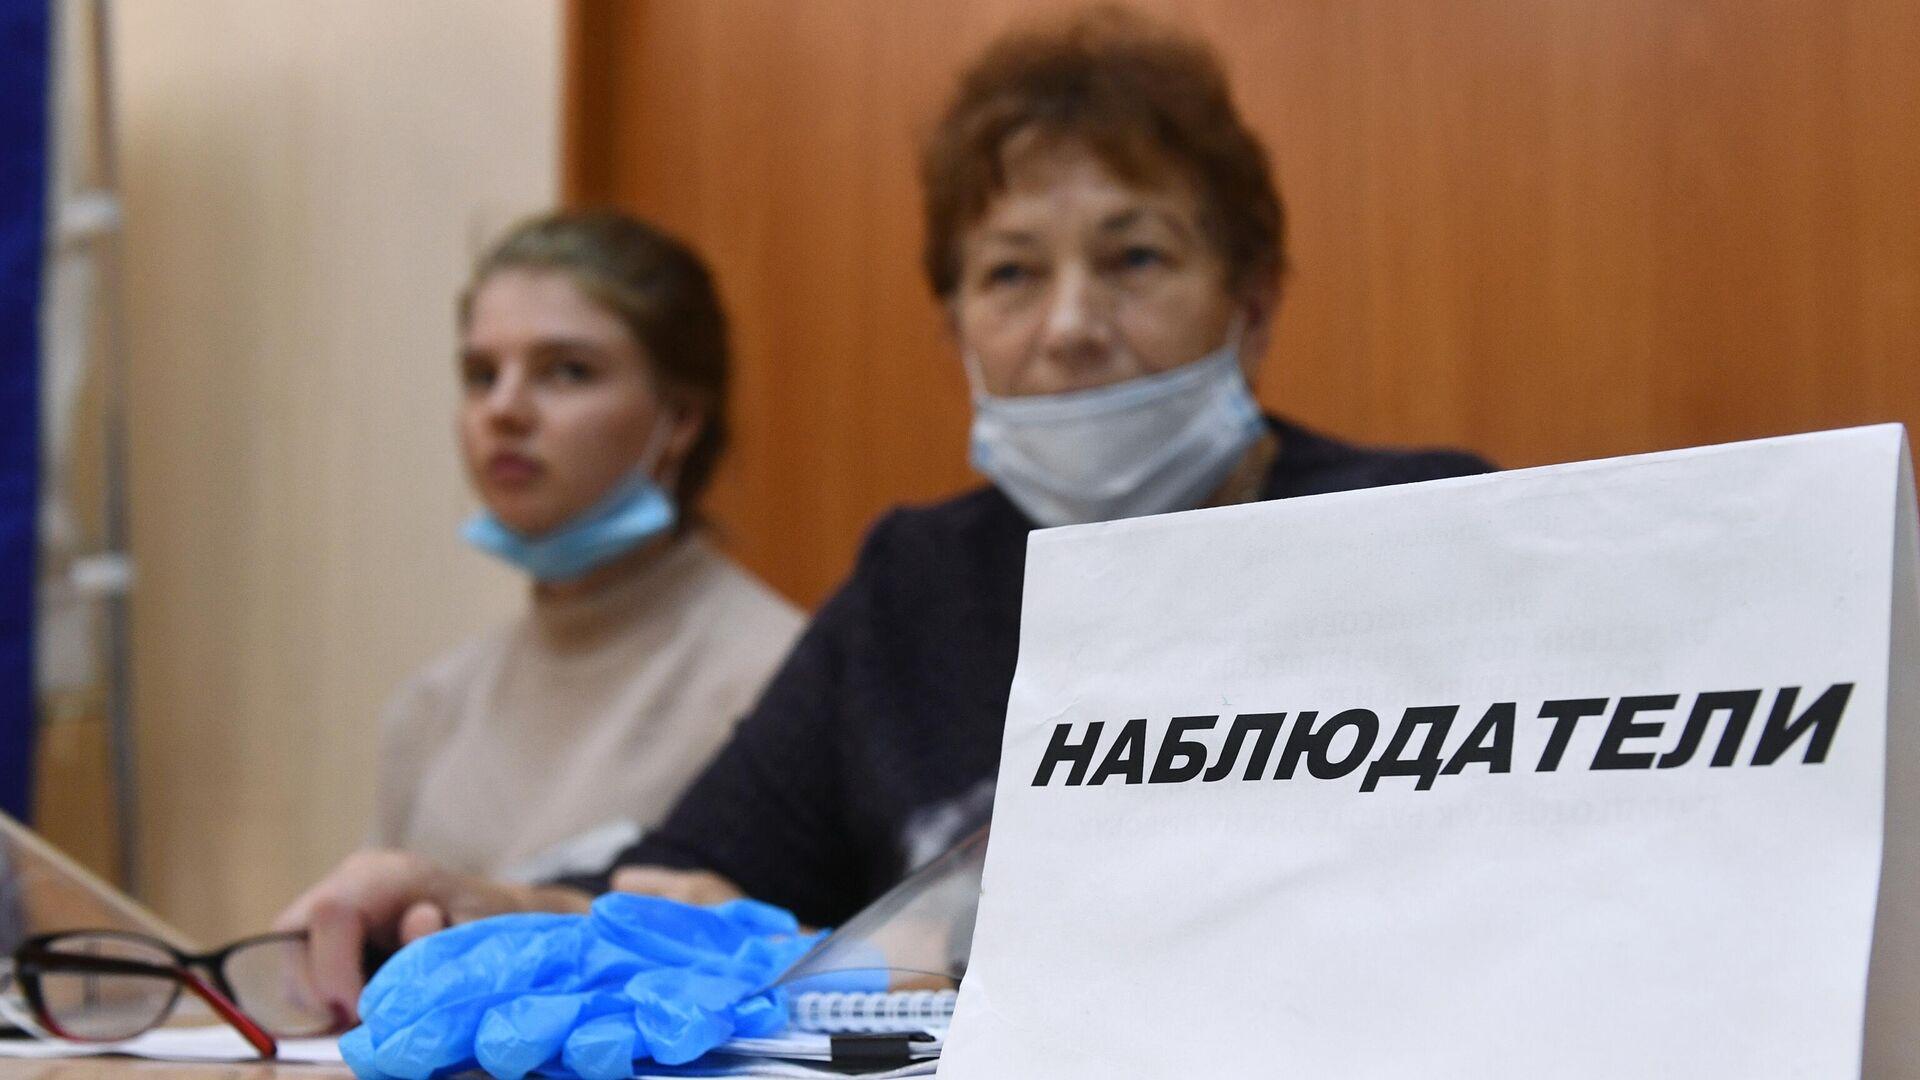 Наблюдатели на избирательном участке - РИА Новости, 1920, 05.08.2021